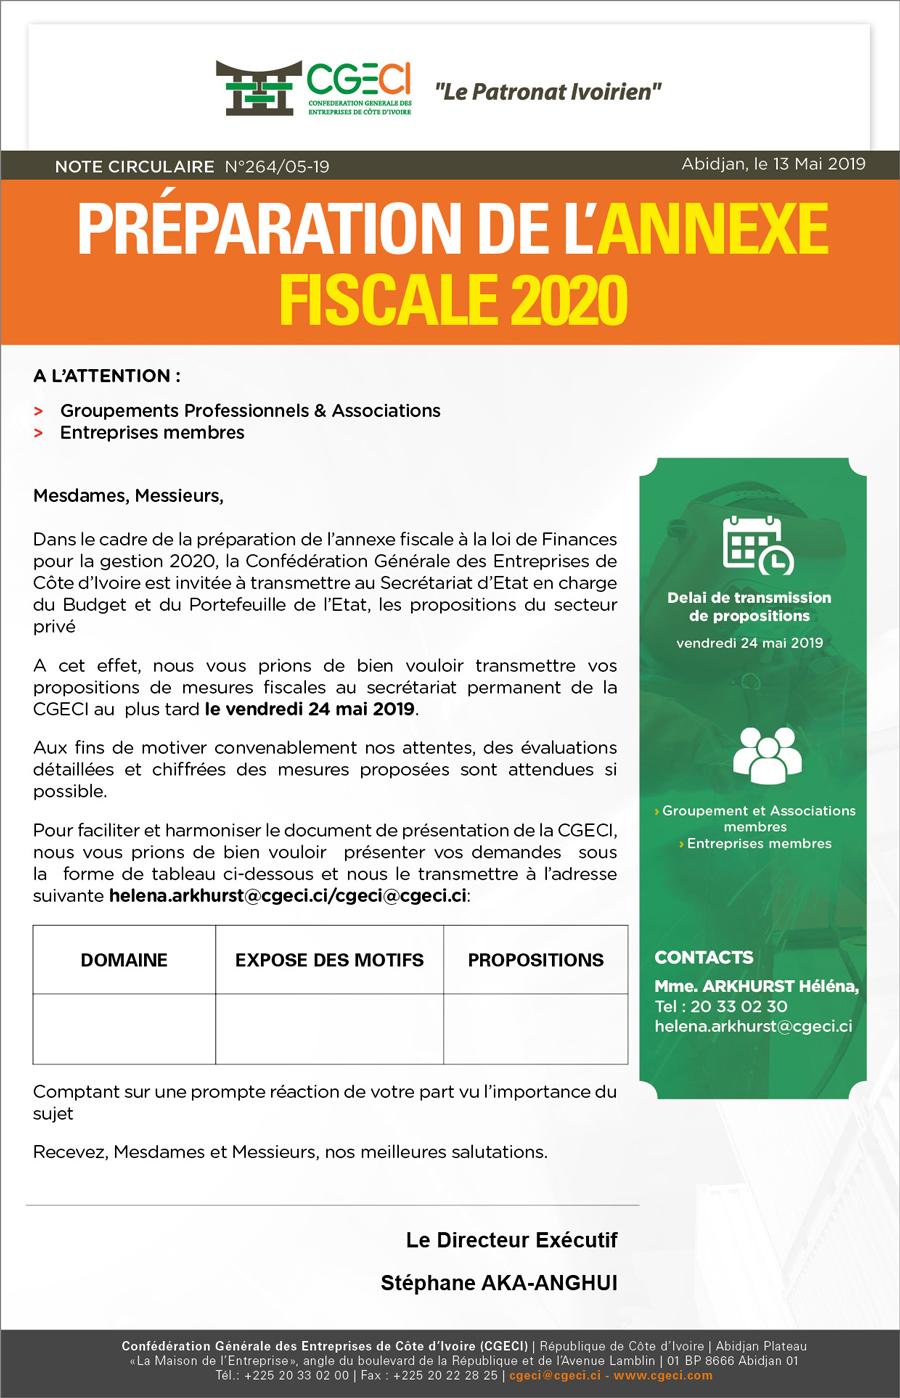 Préparation de l'annexe fiscale 2020